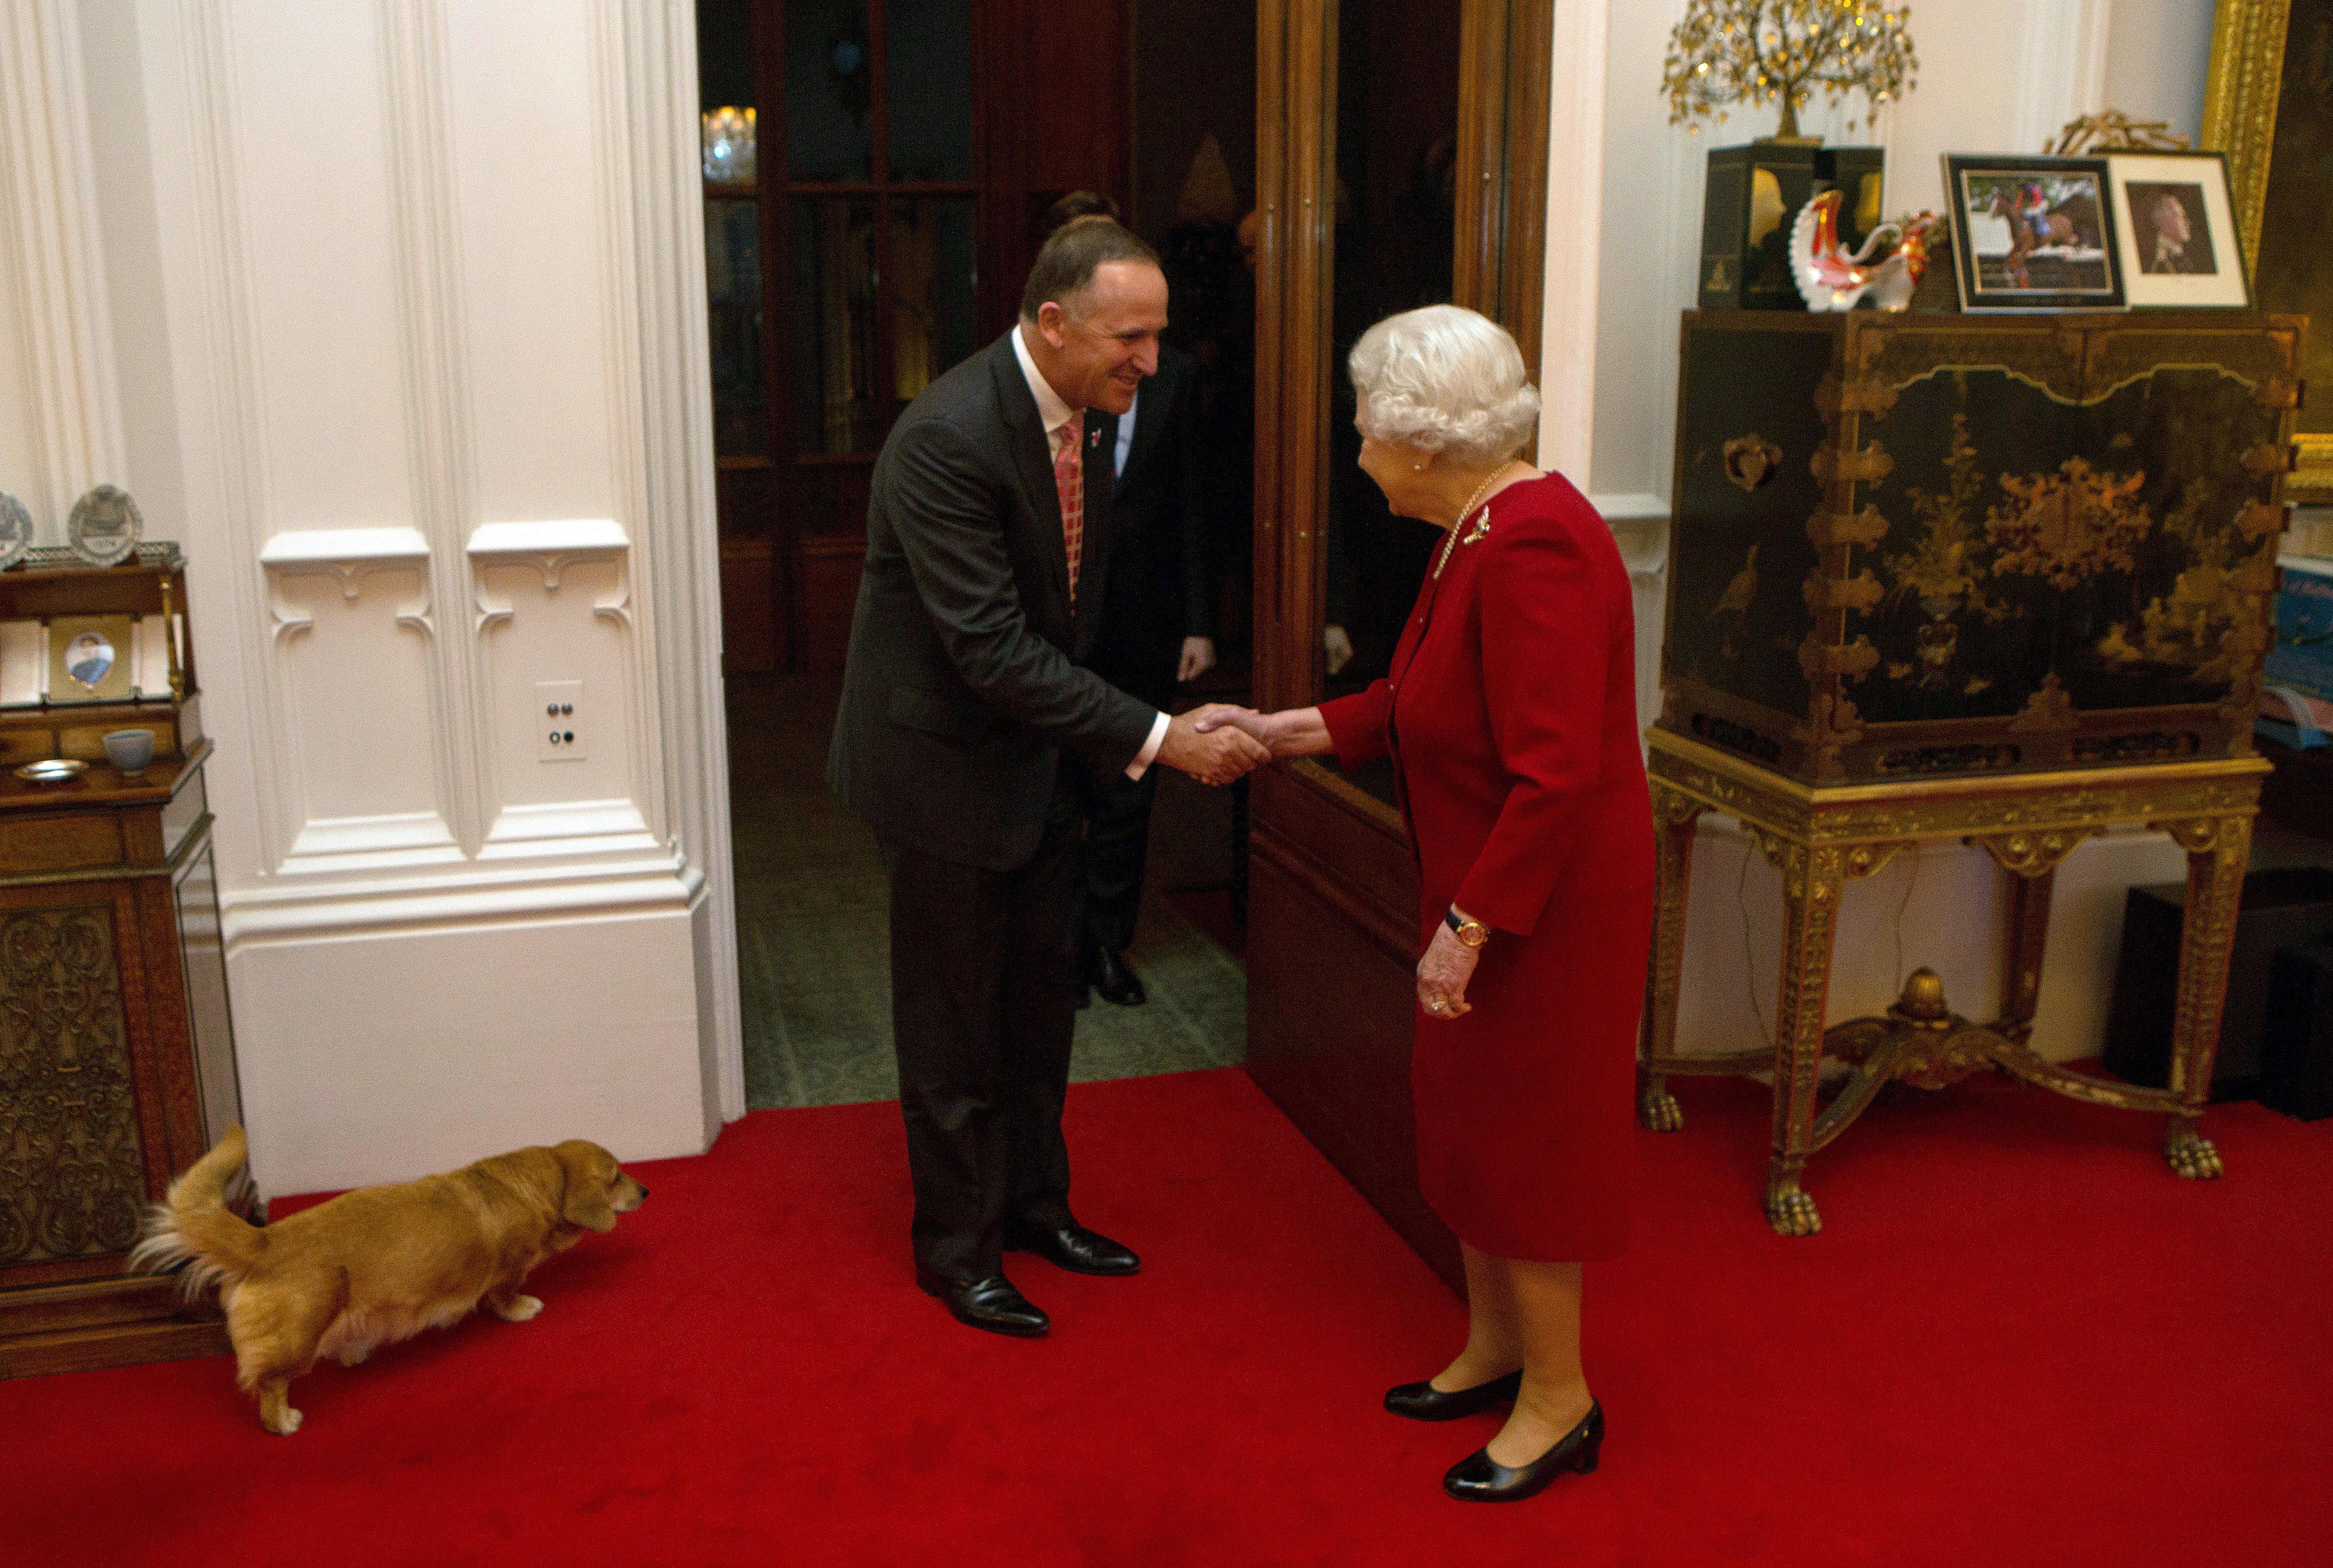 Que comen perros reina Isabel II